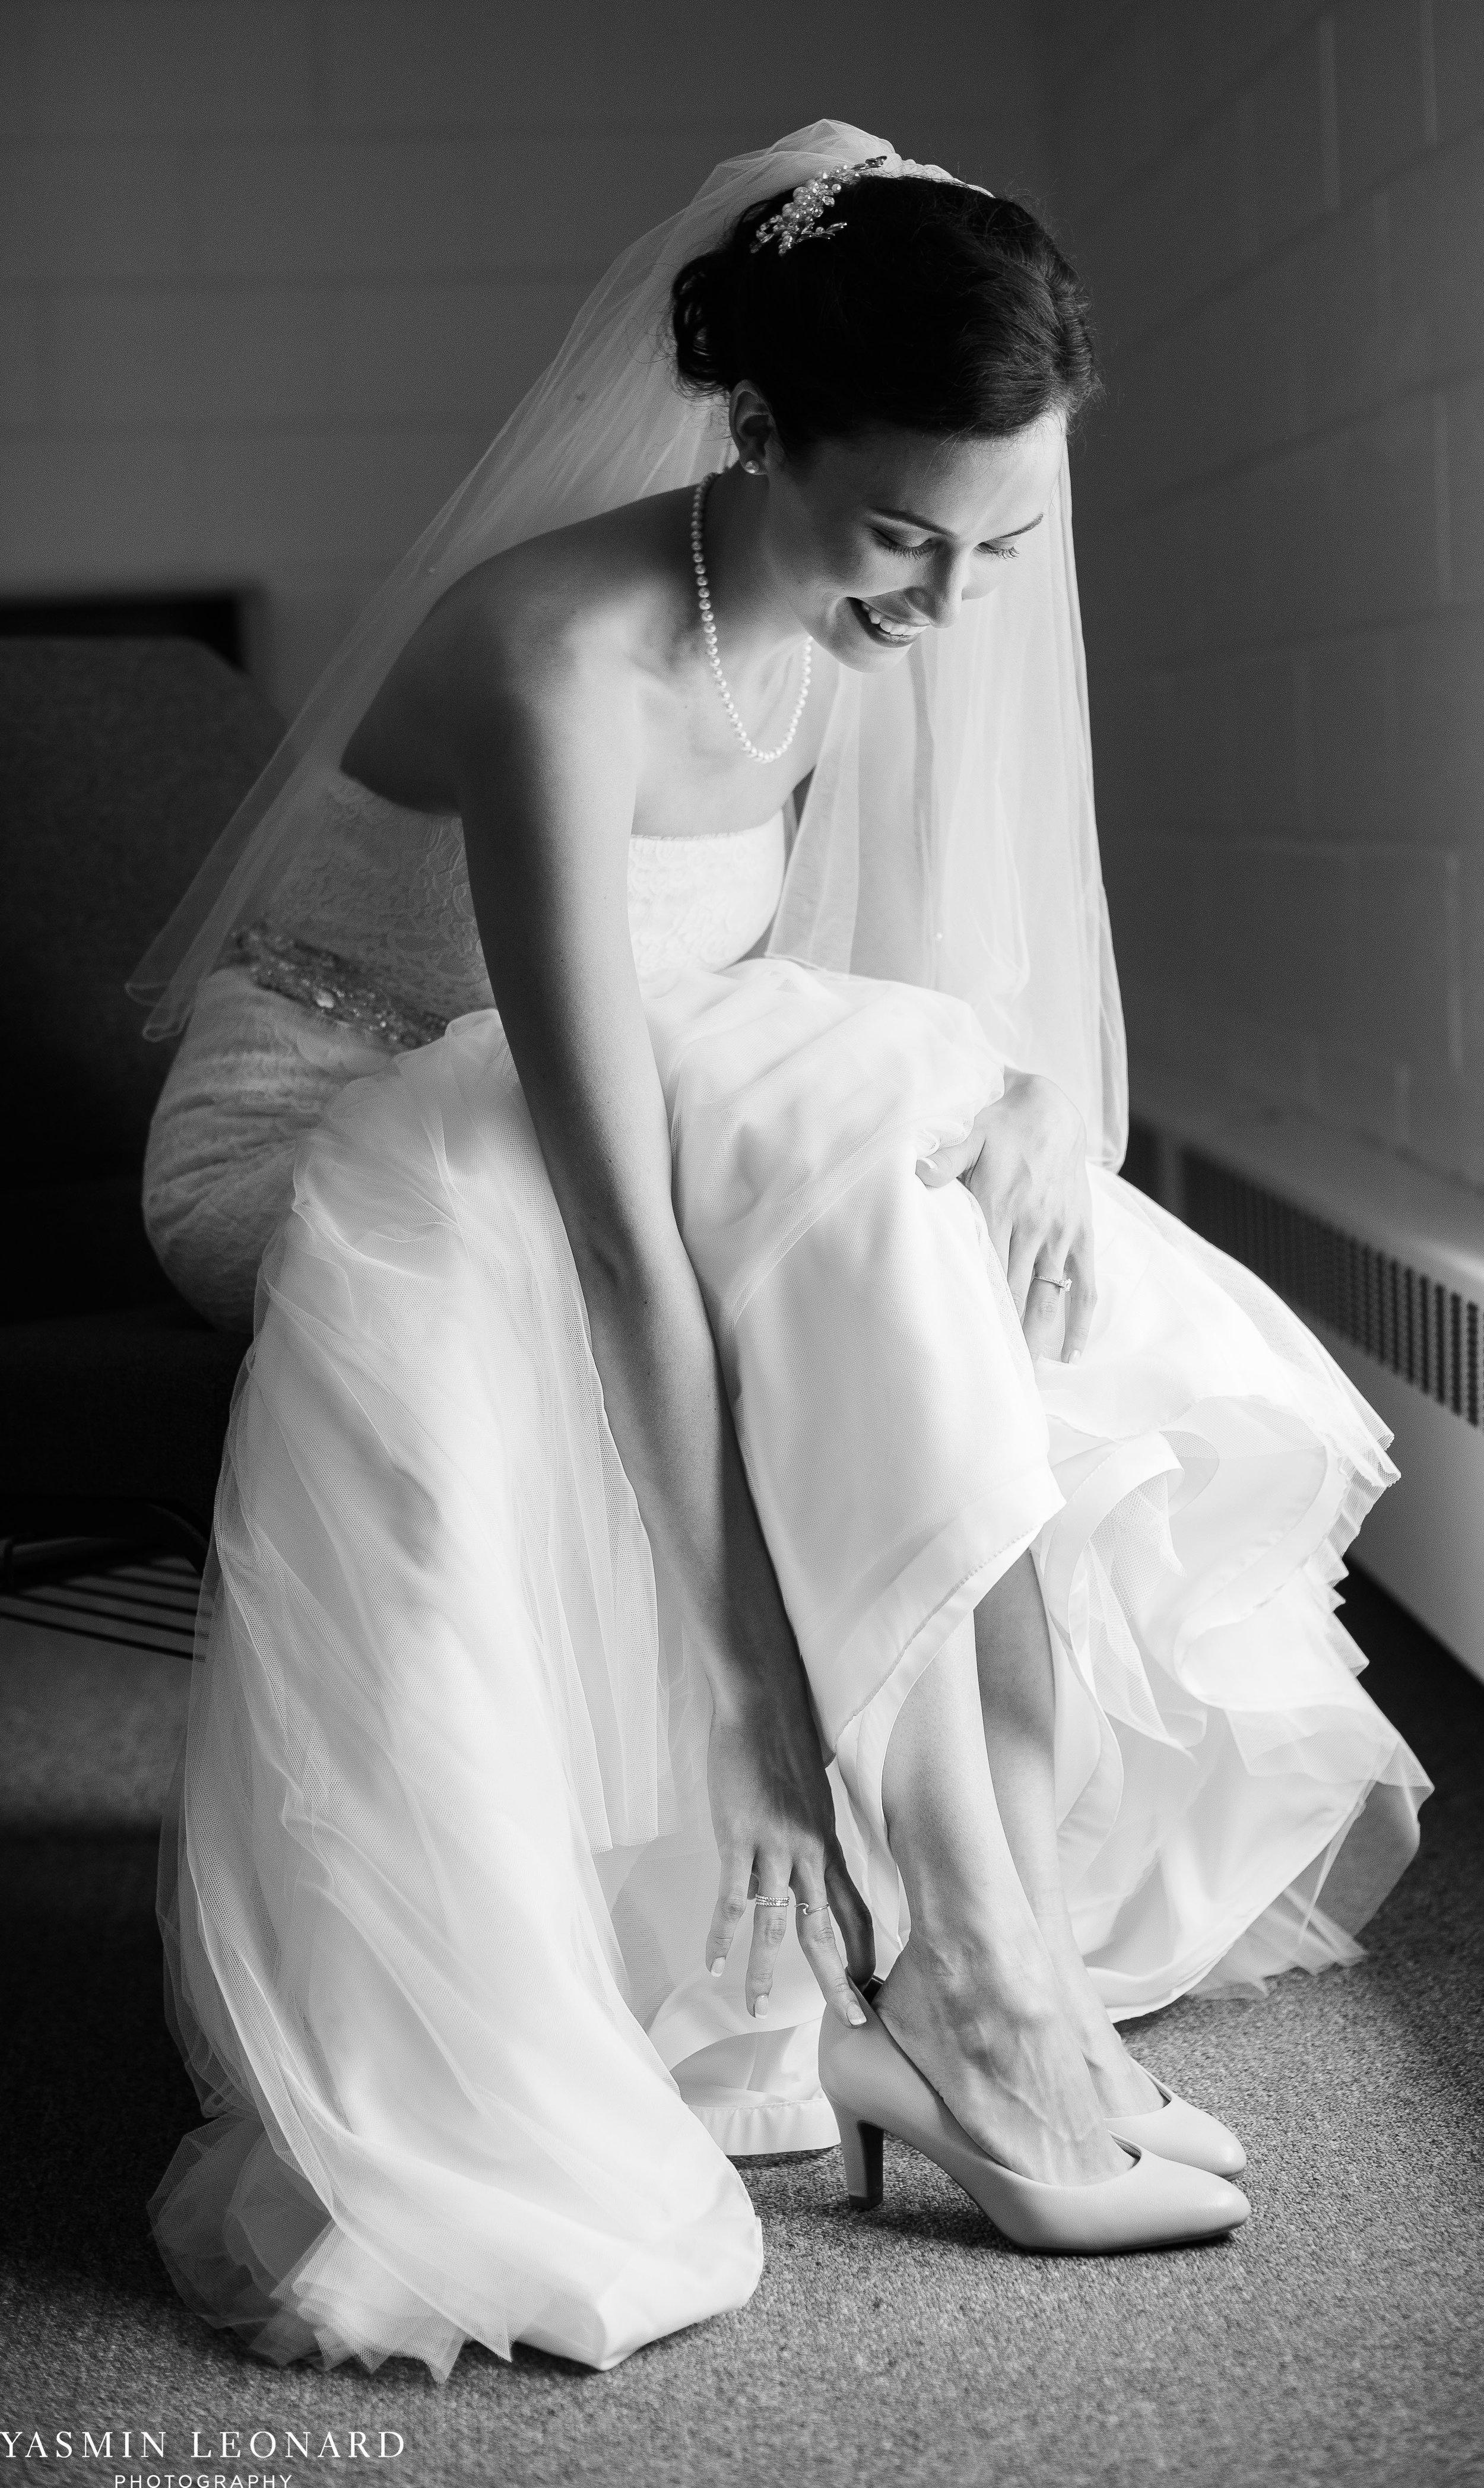 Mt. Pleasant Church - Church Wedding - Traditional Wedding - Church Ceremony - Country Wedding - Godly Wedding - NC Wedding Photographer - High Point Weddings - Triad Weddings - NC Venues-8.jpg